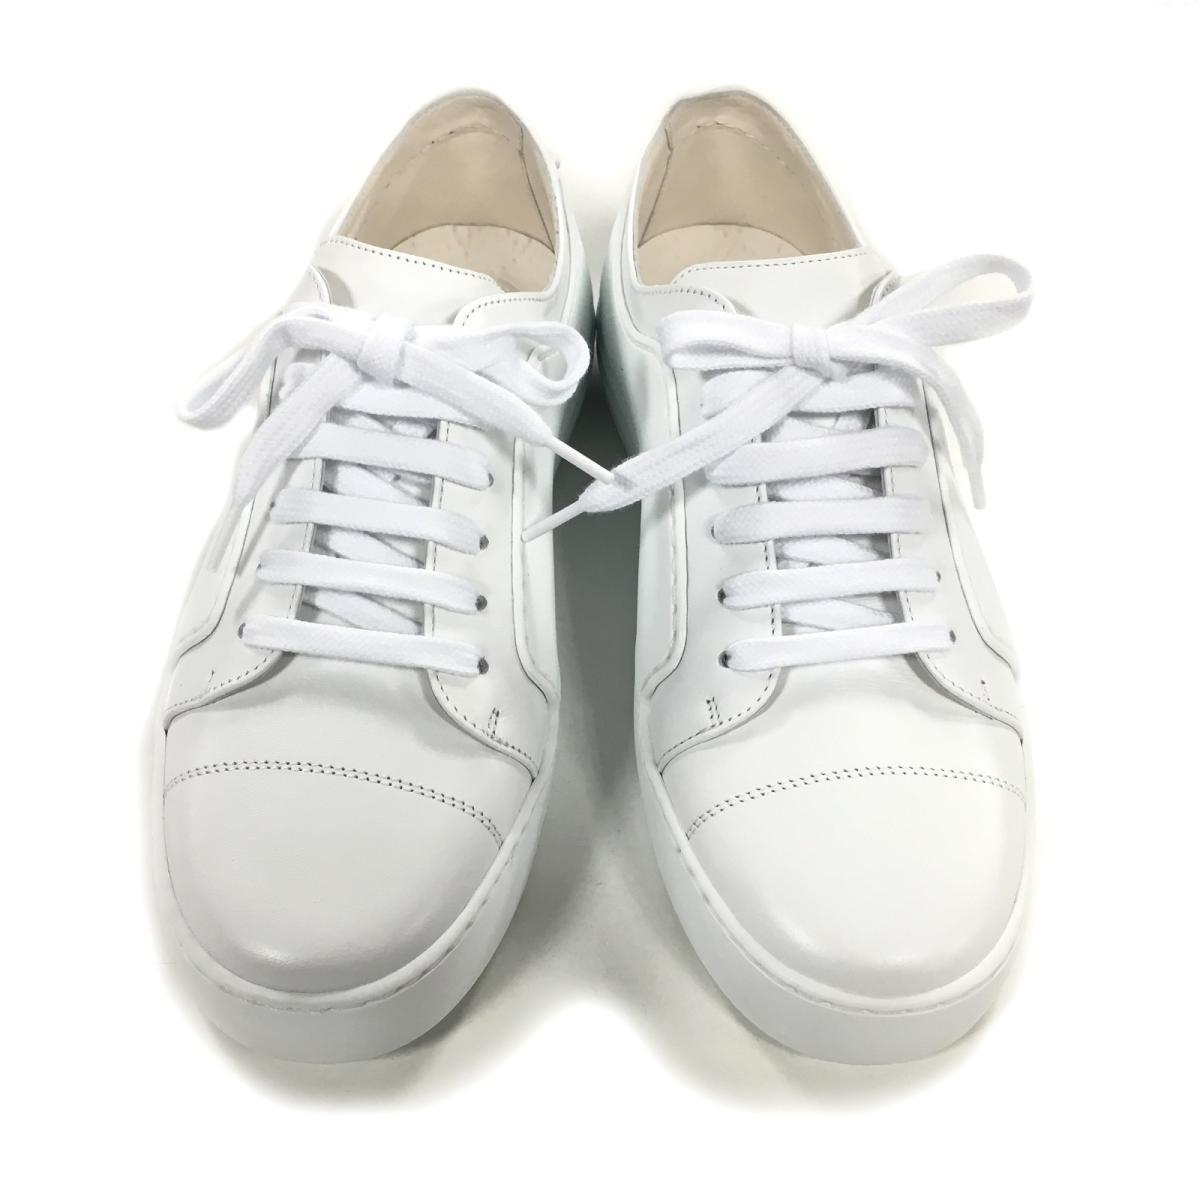 スニーカー 靴/レディース★レア★SALE